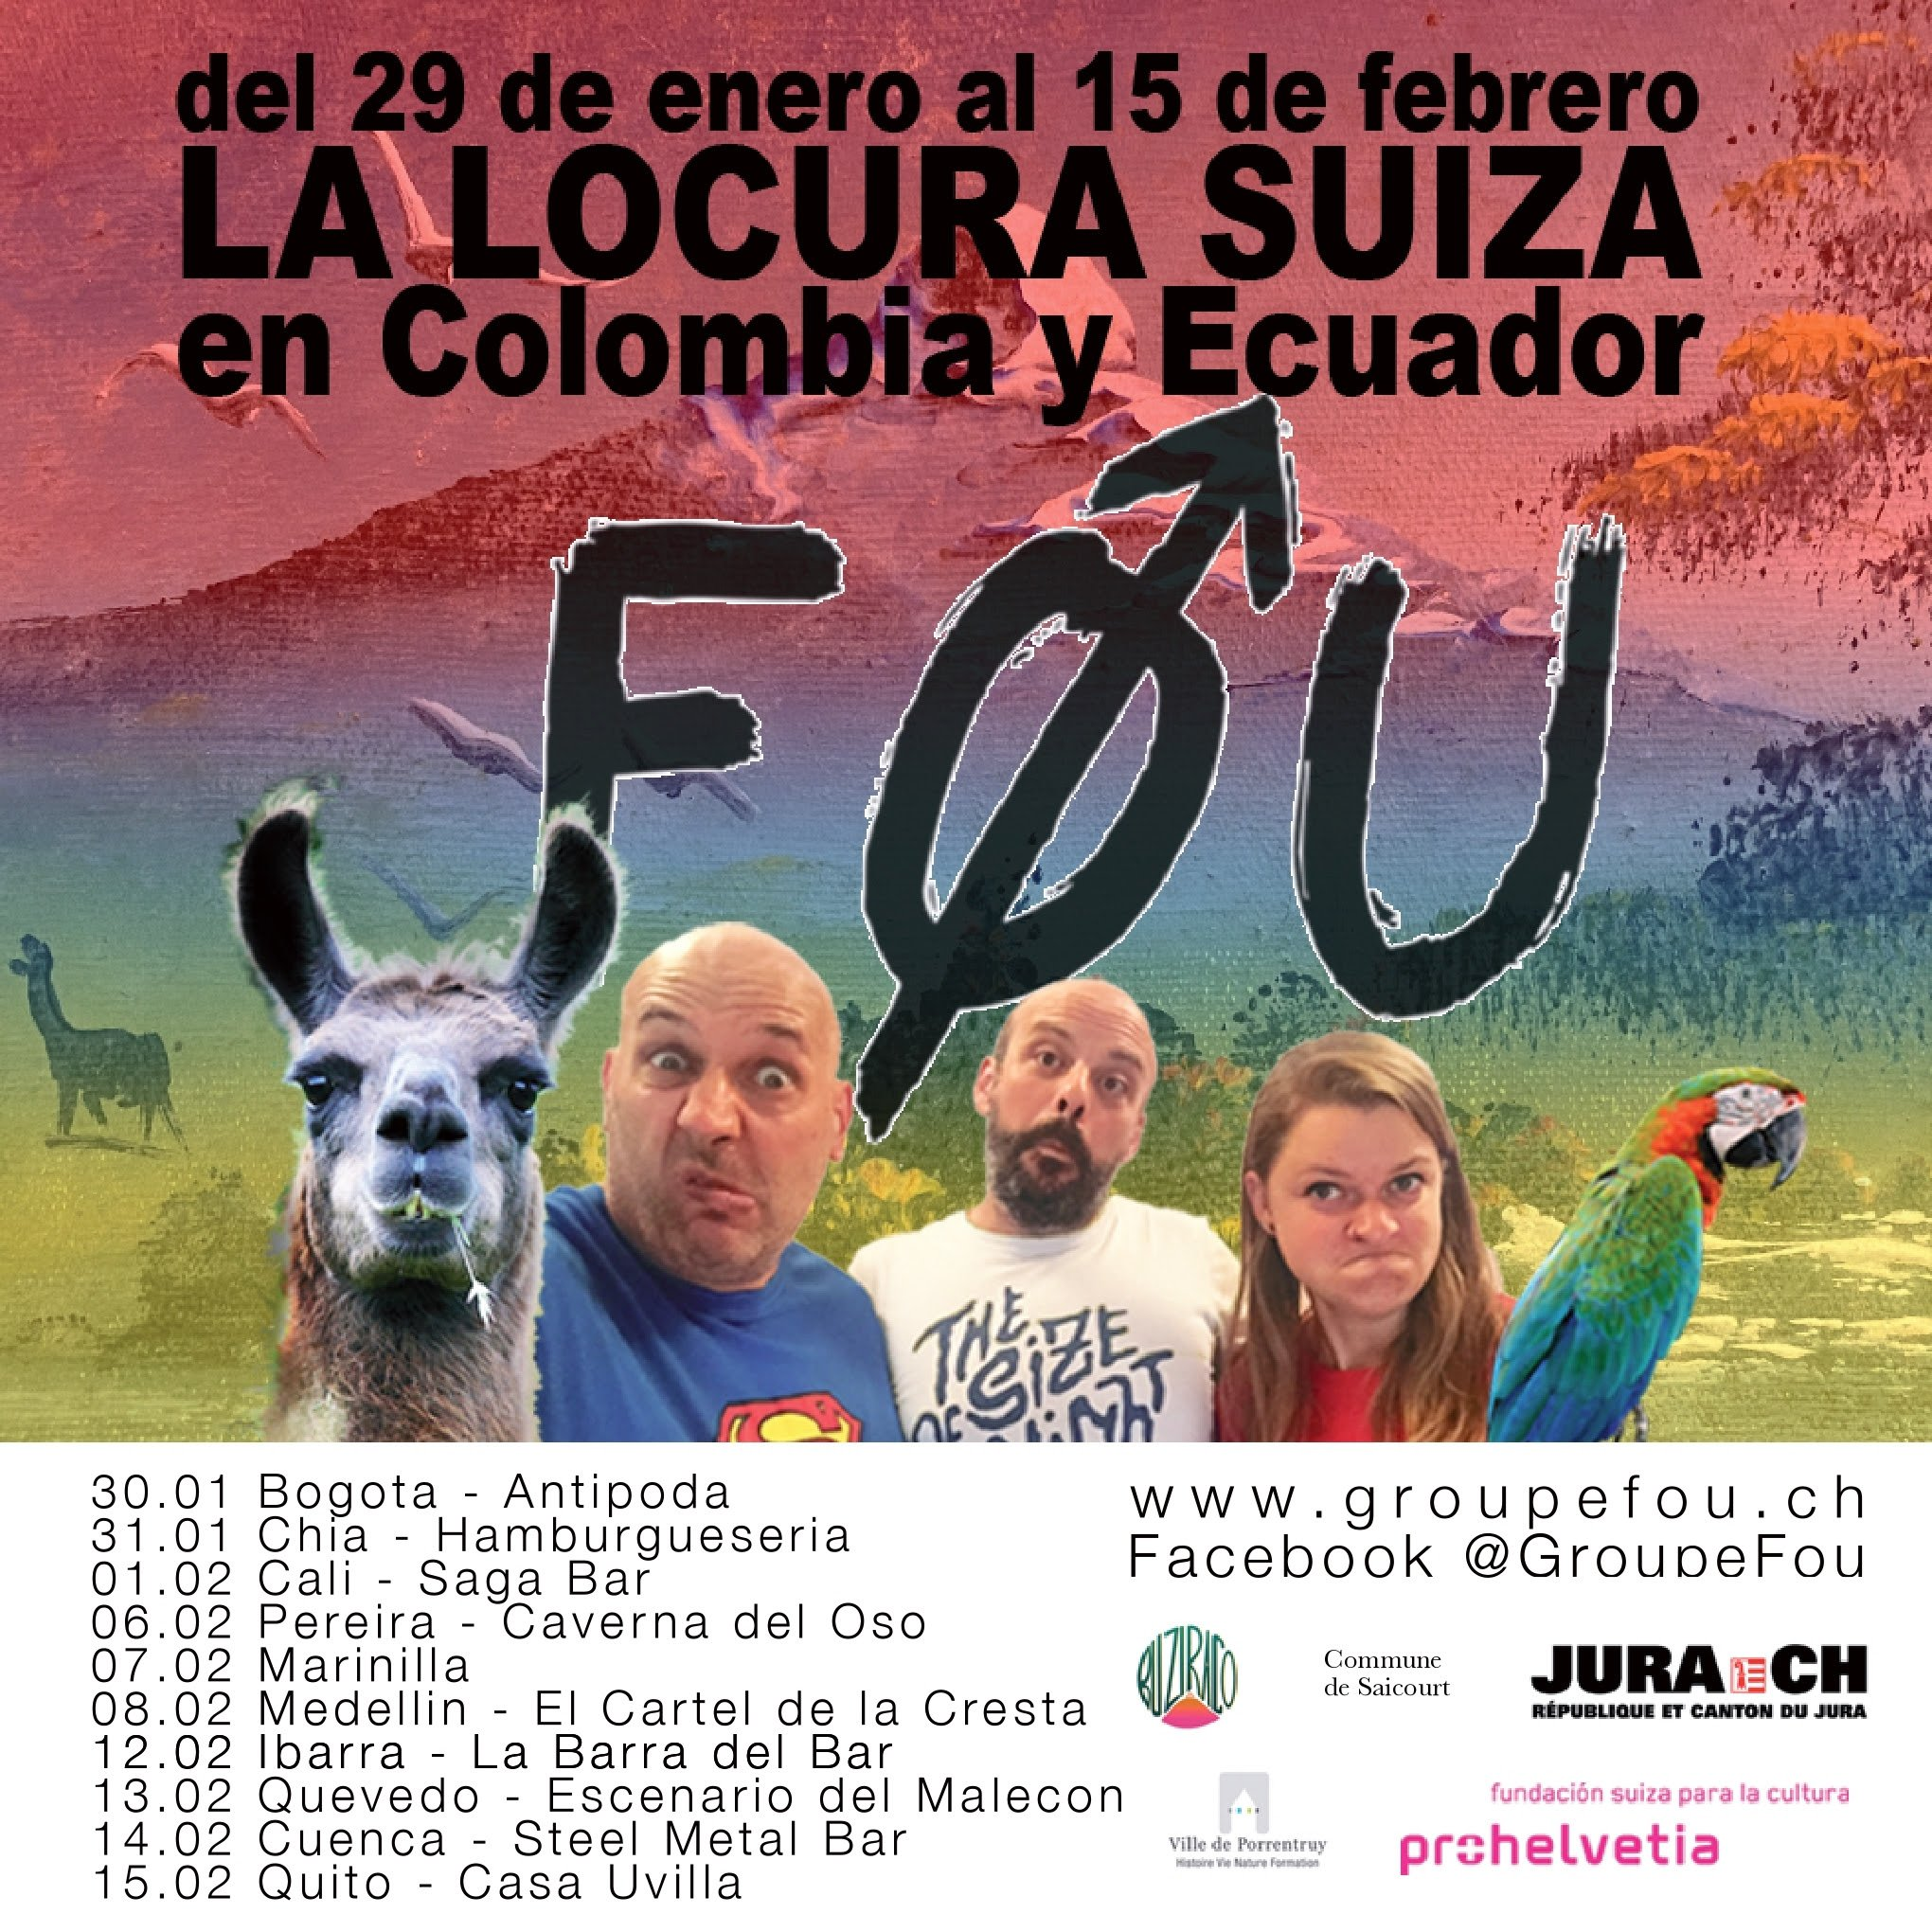 La locura suiza aterriza en Colombia por segunda vez - unnamed-3